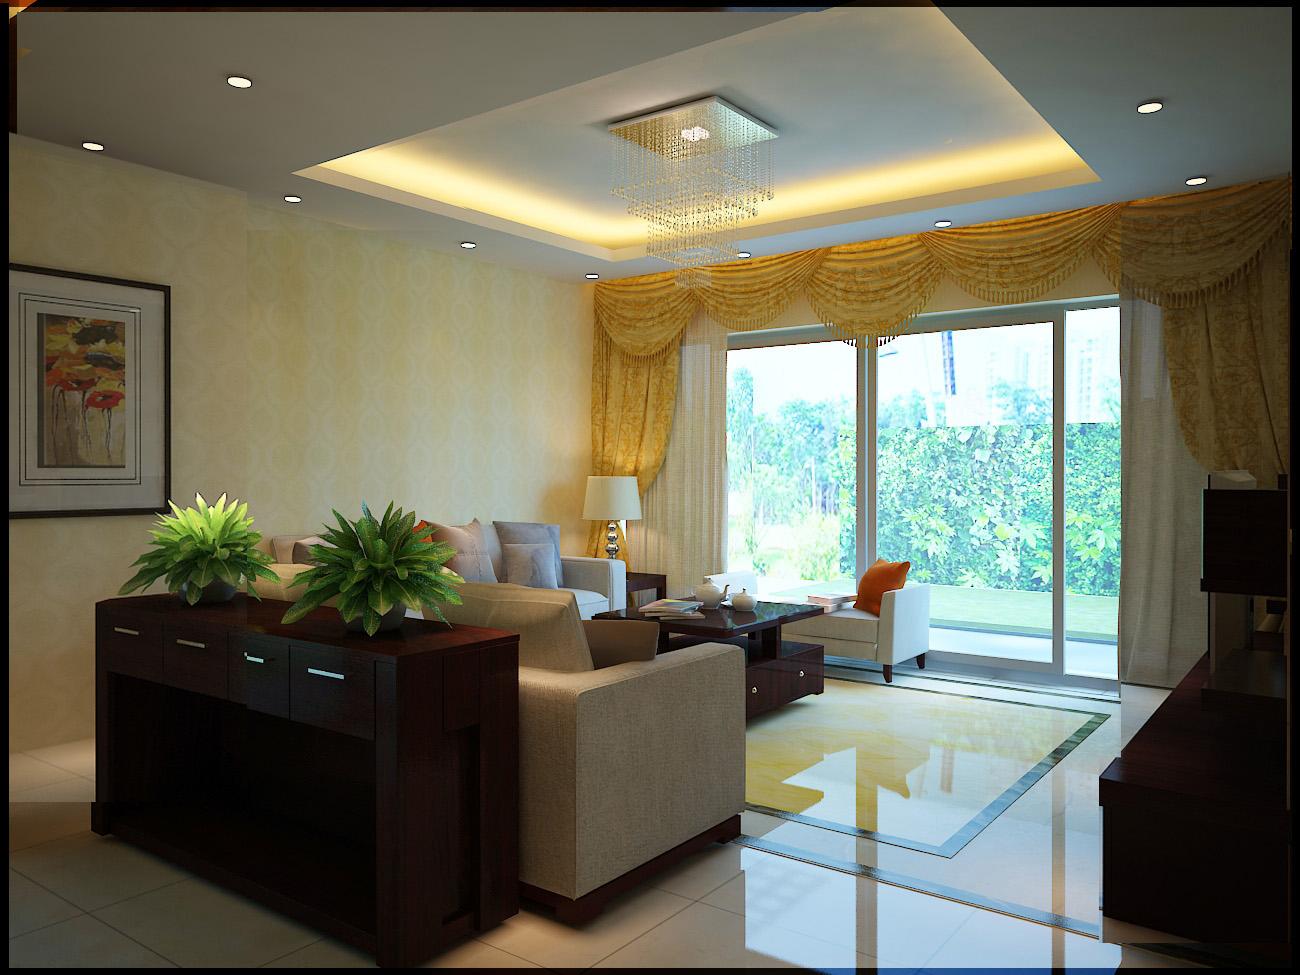 8 Thiết kế nội thất giá rẻ ở Hà Nội, Dịch Vụ Thiết kế nội thất tại Hà Nội Giá rẻ